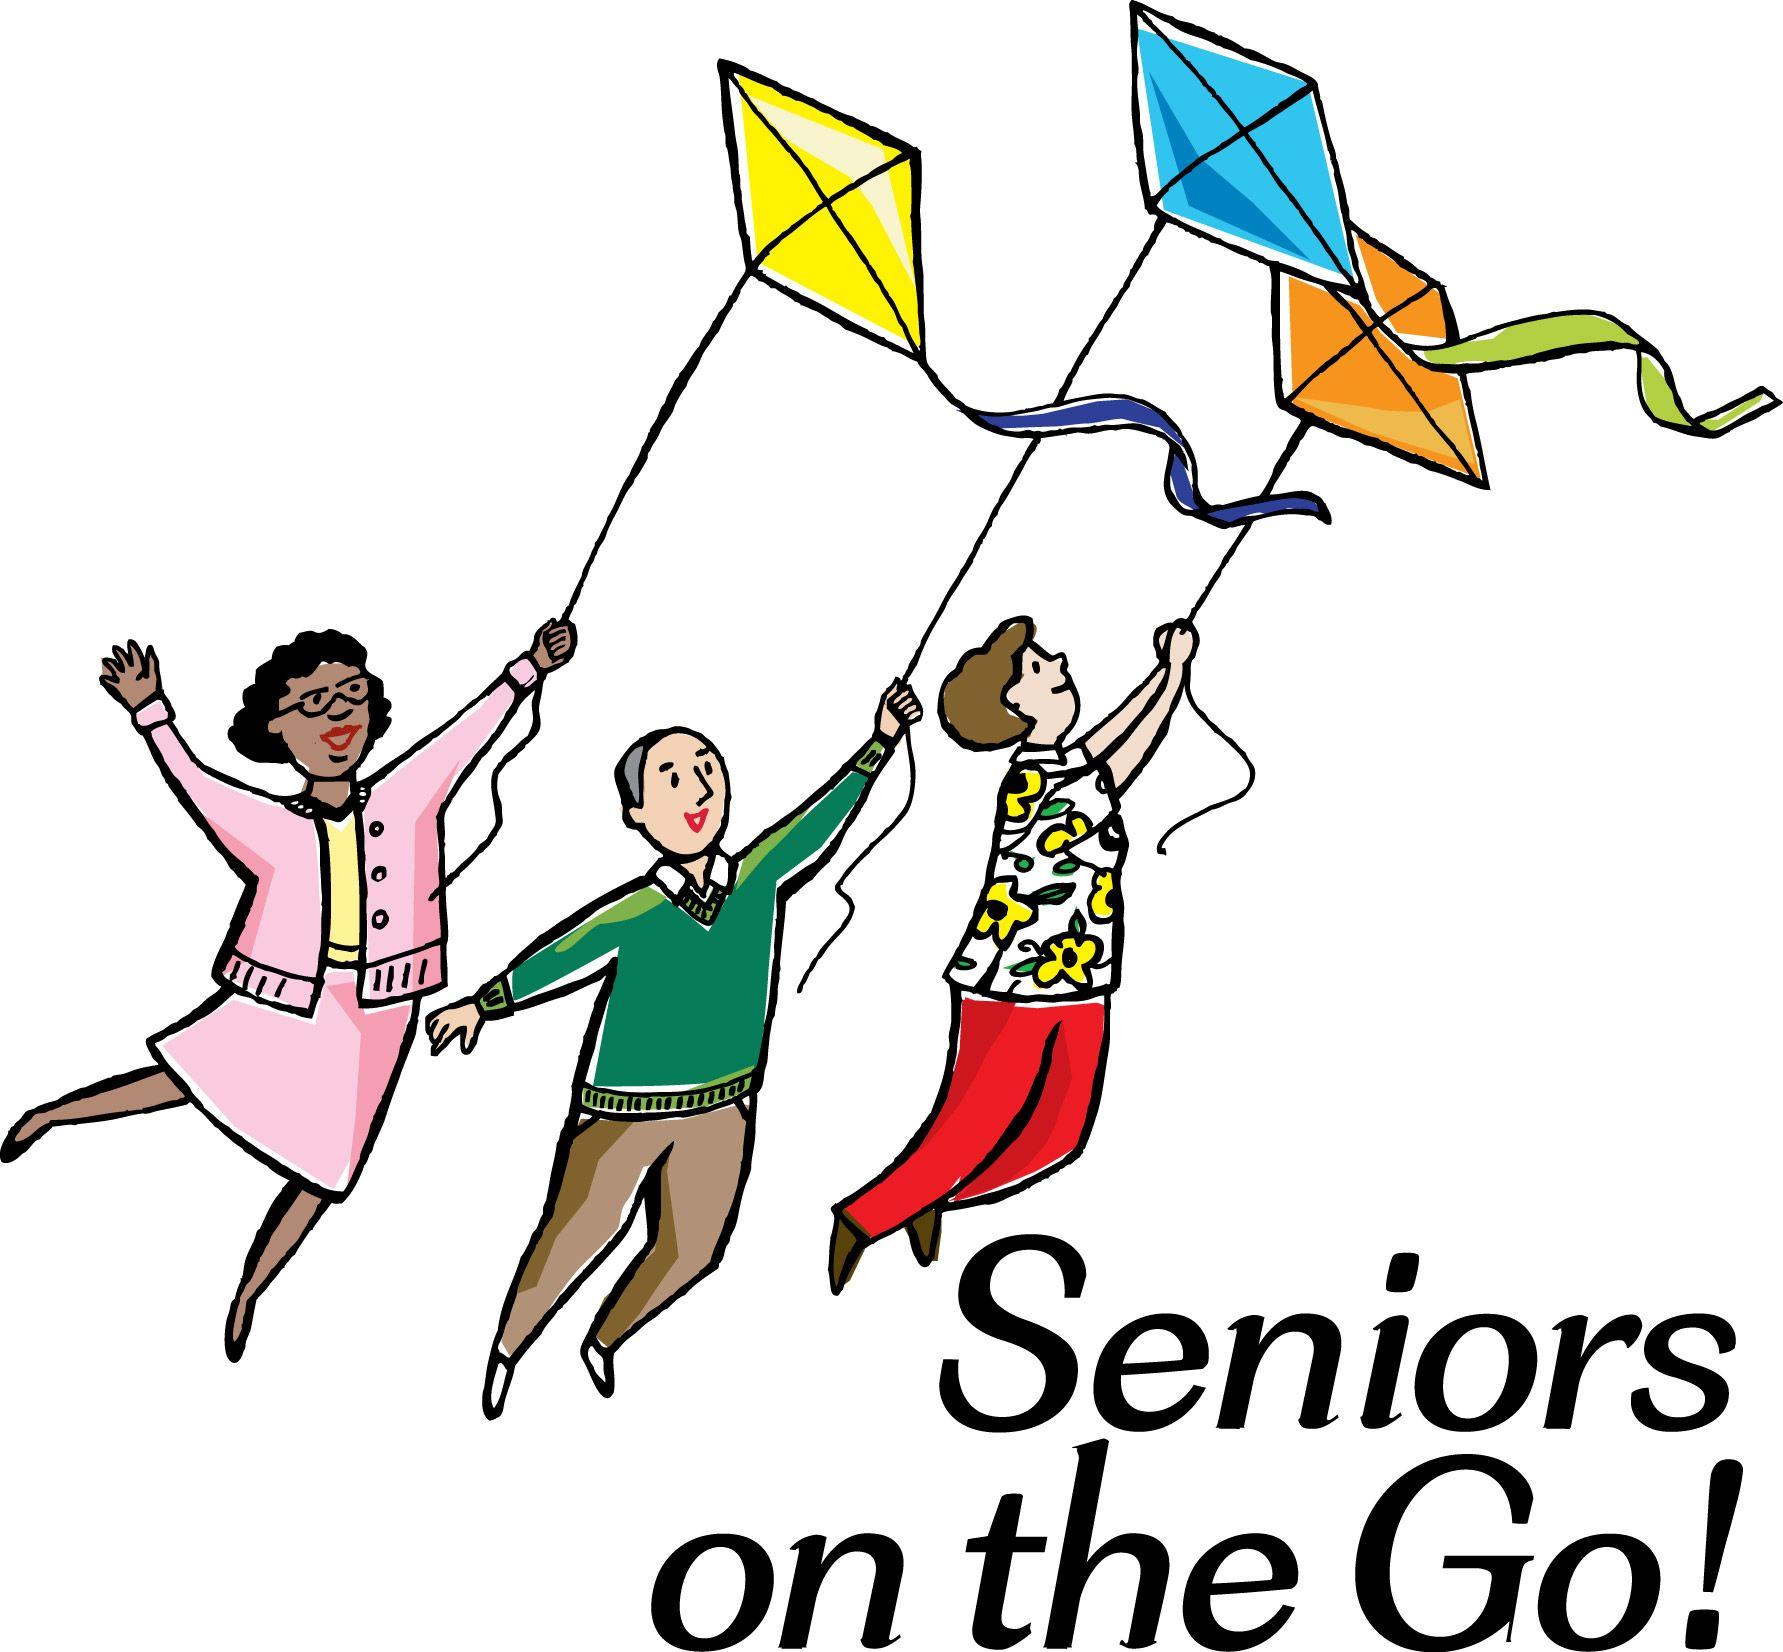 Active Senior Citizens seniors_on_the_go_kaef Senior